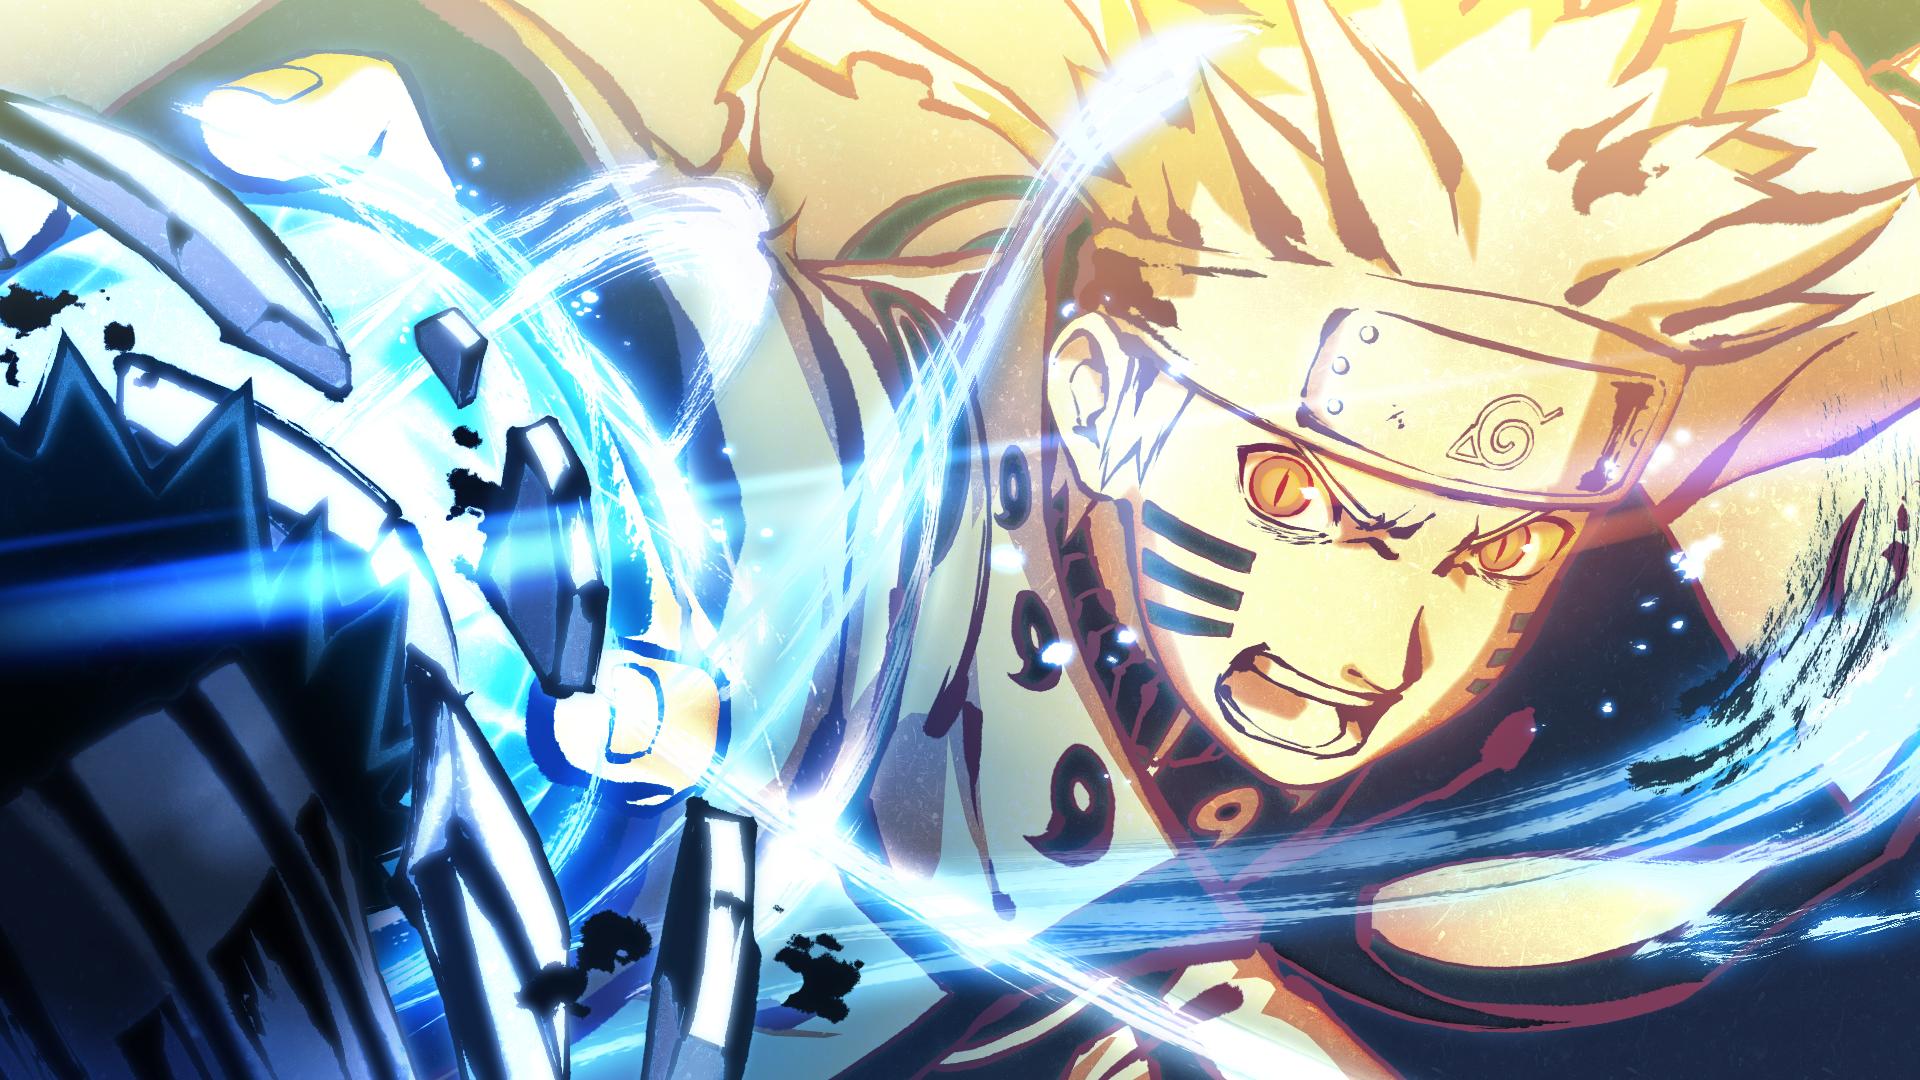 Fondo de pantalla Naruto Shippuden